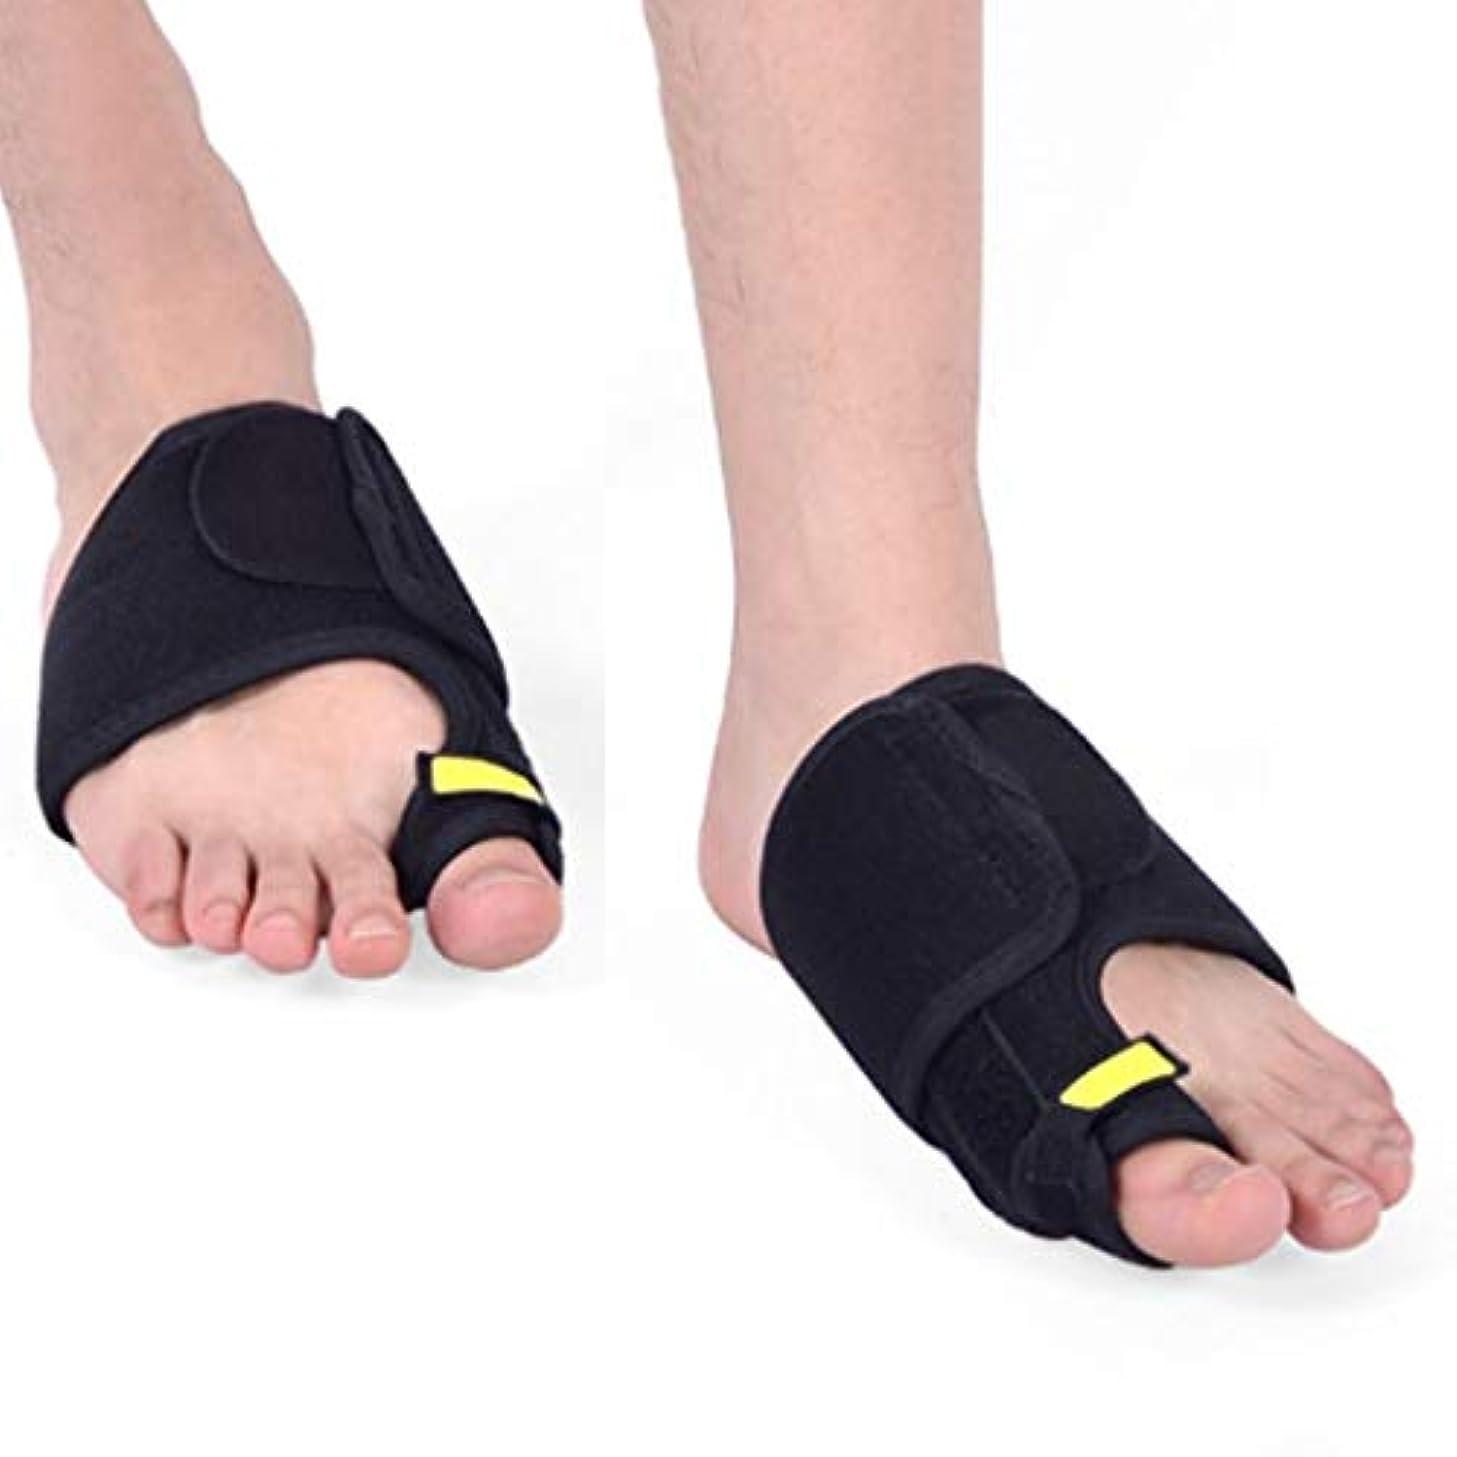 採用する密接にペルソナ外反母趾の補正は、足の親指の外反母趾補正は、との完全な夜で外反母趾補正を恐喝されます